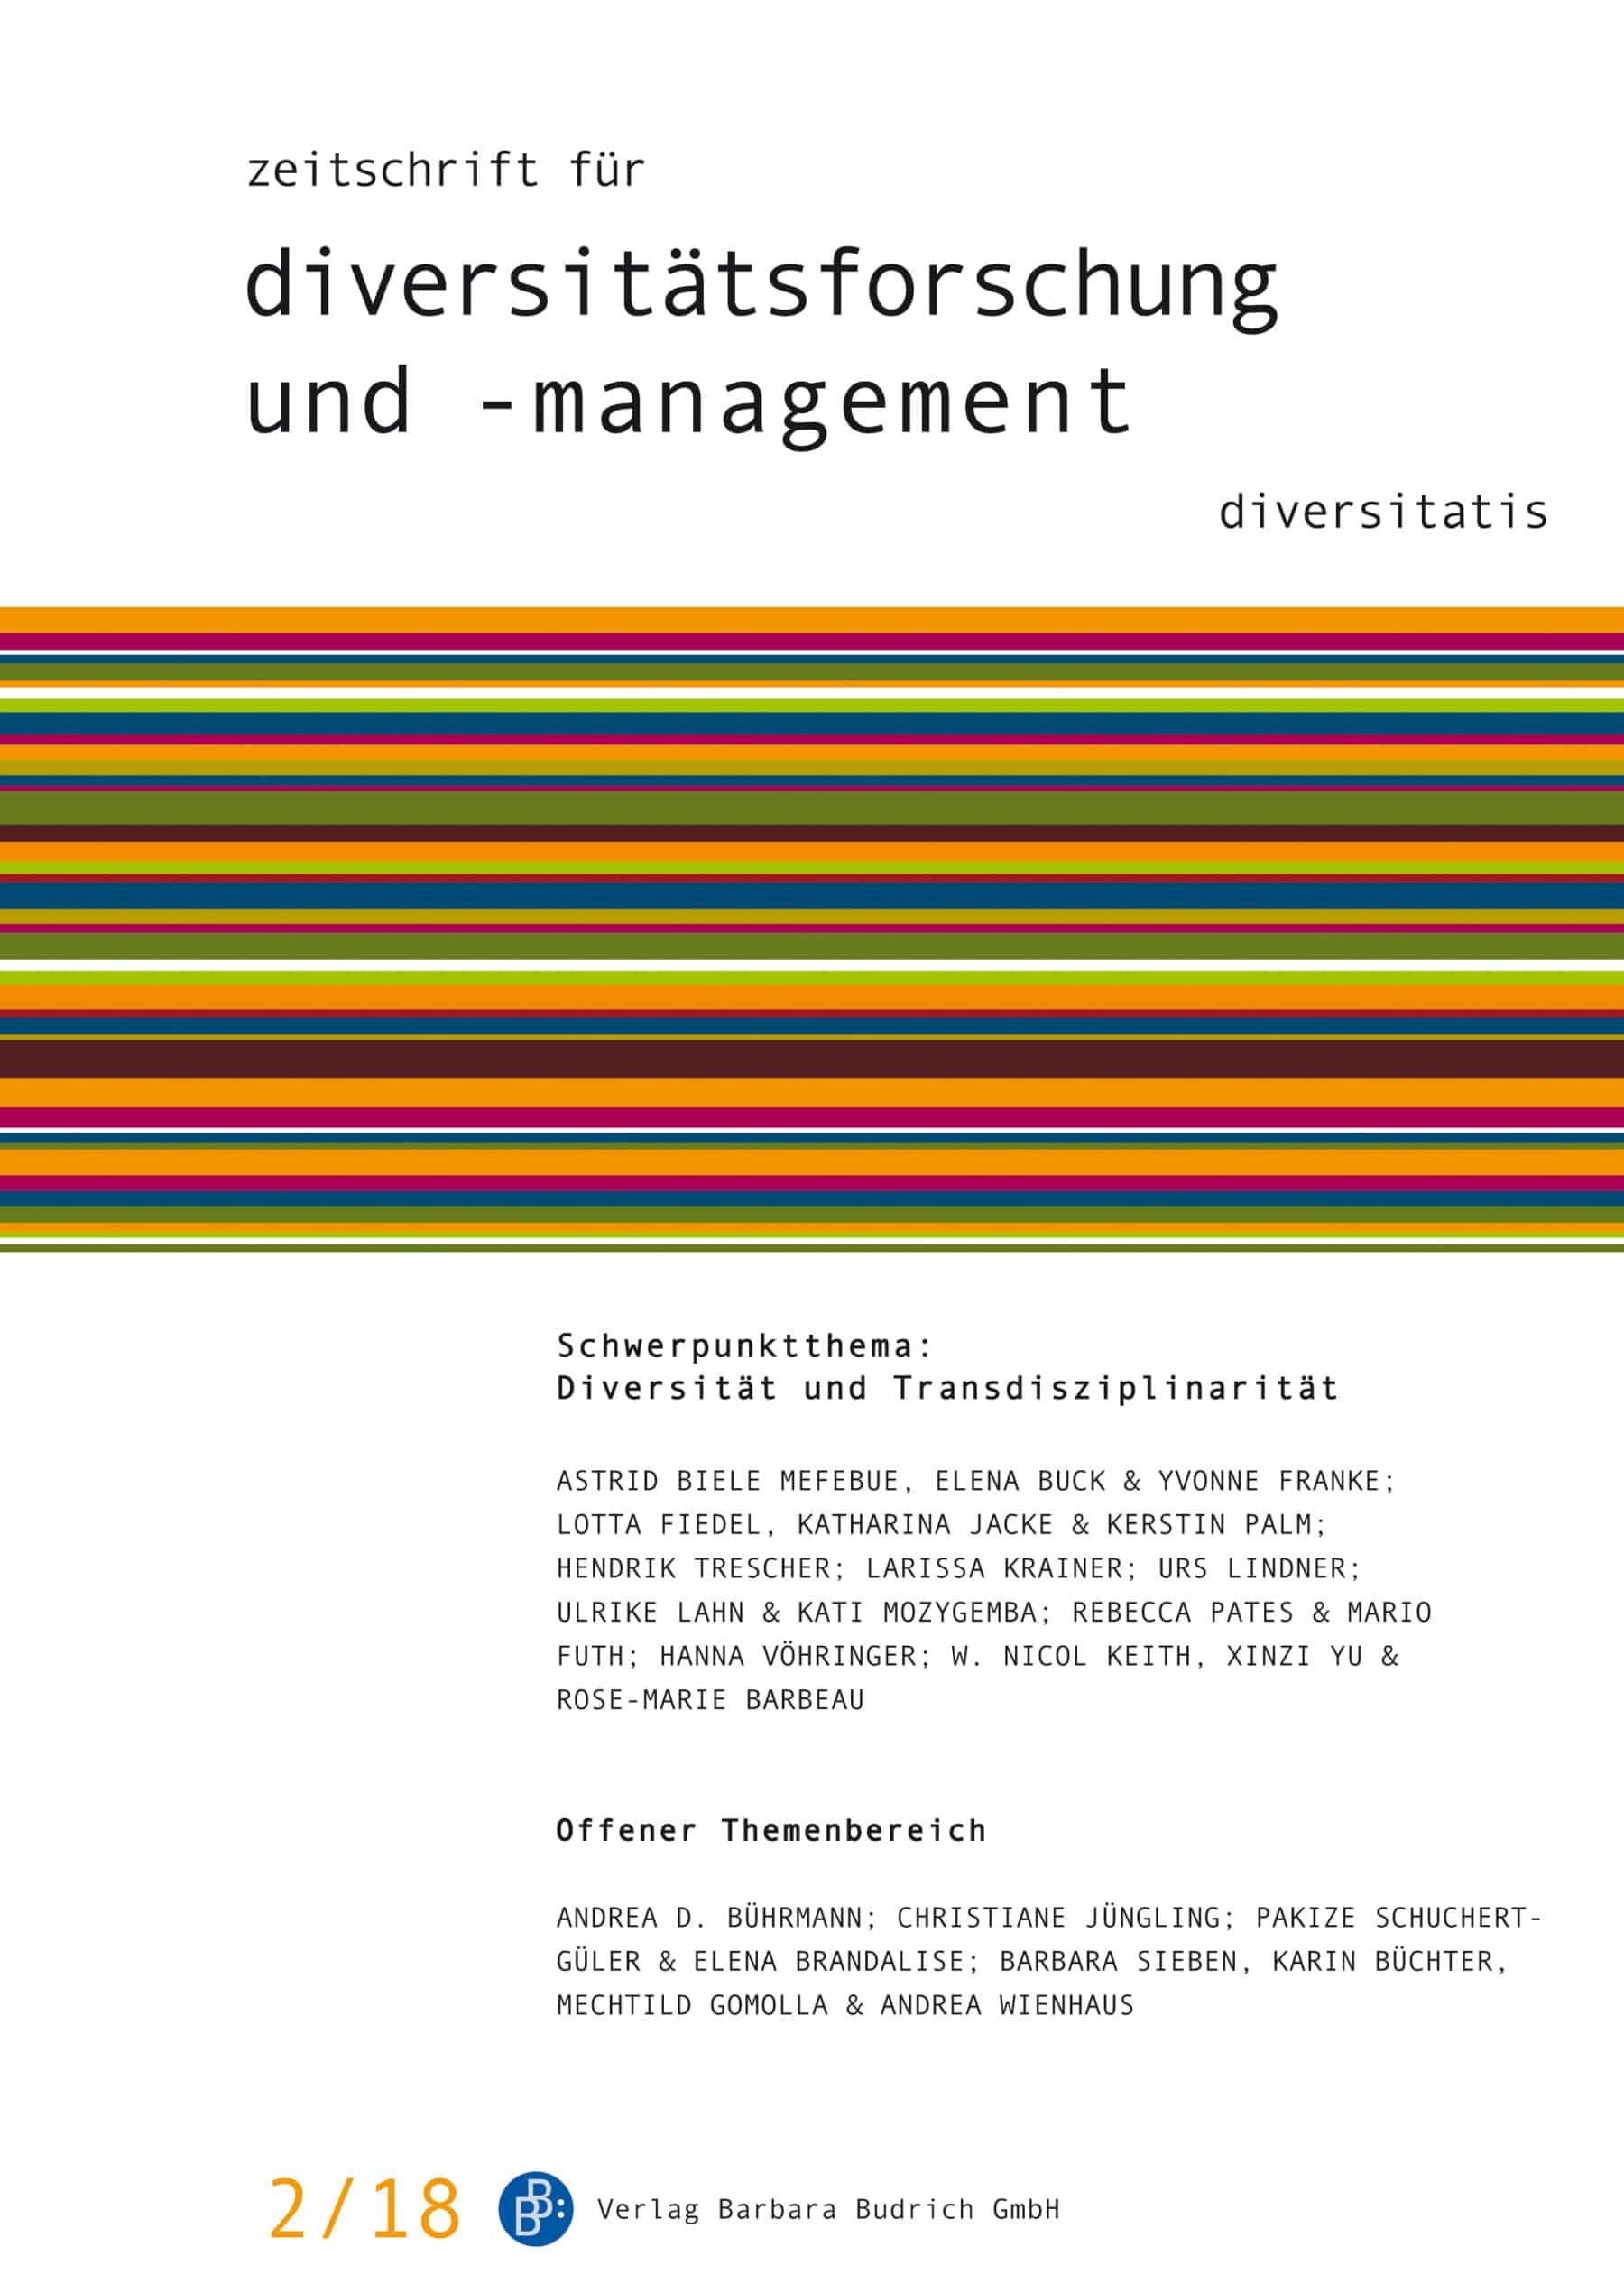 ZDfm – Zeitschrift für Diversitätsforschung und -management